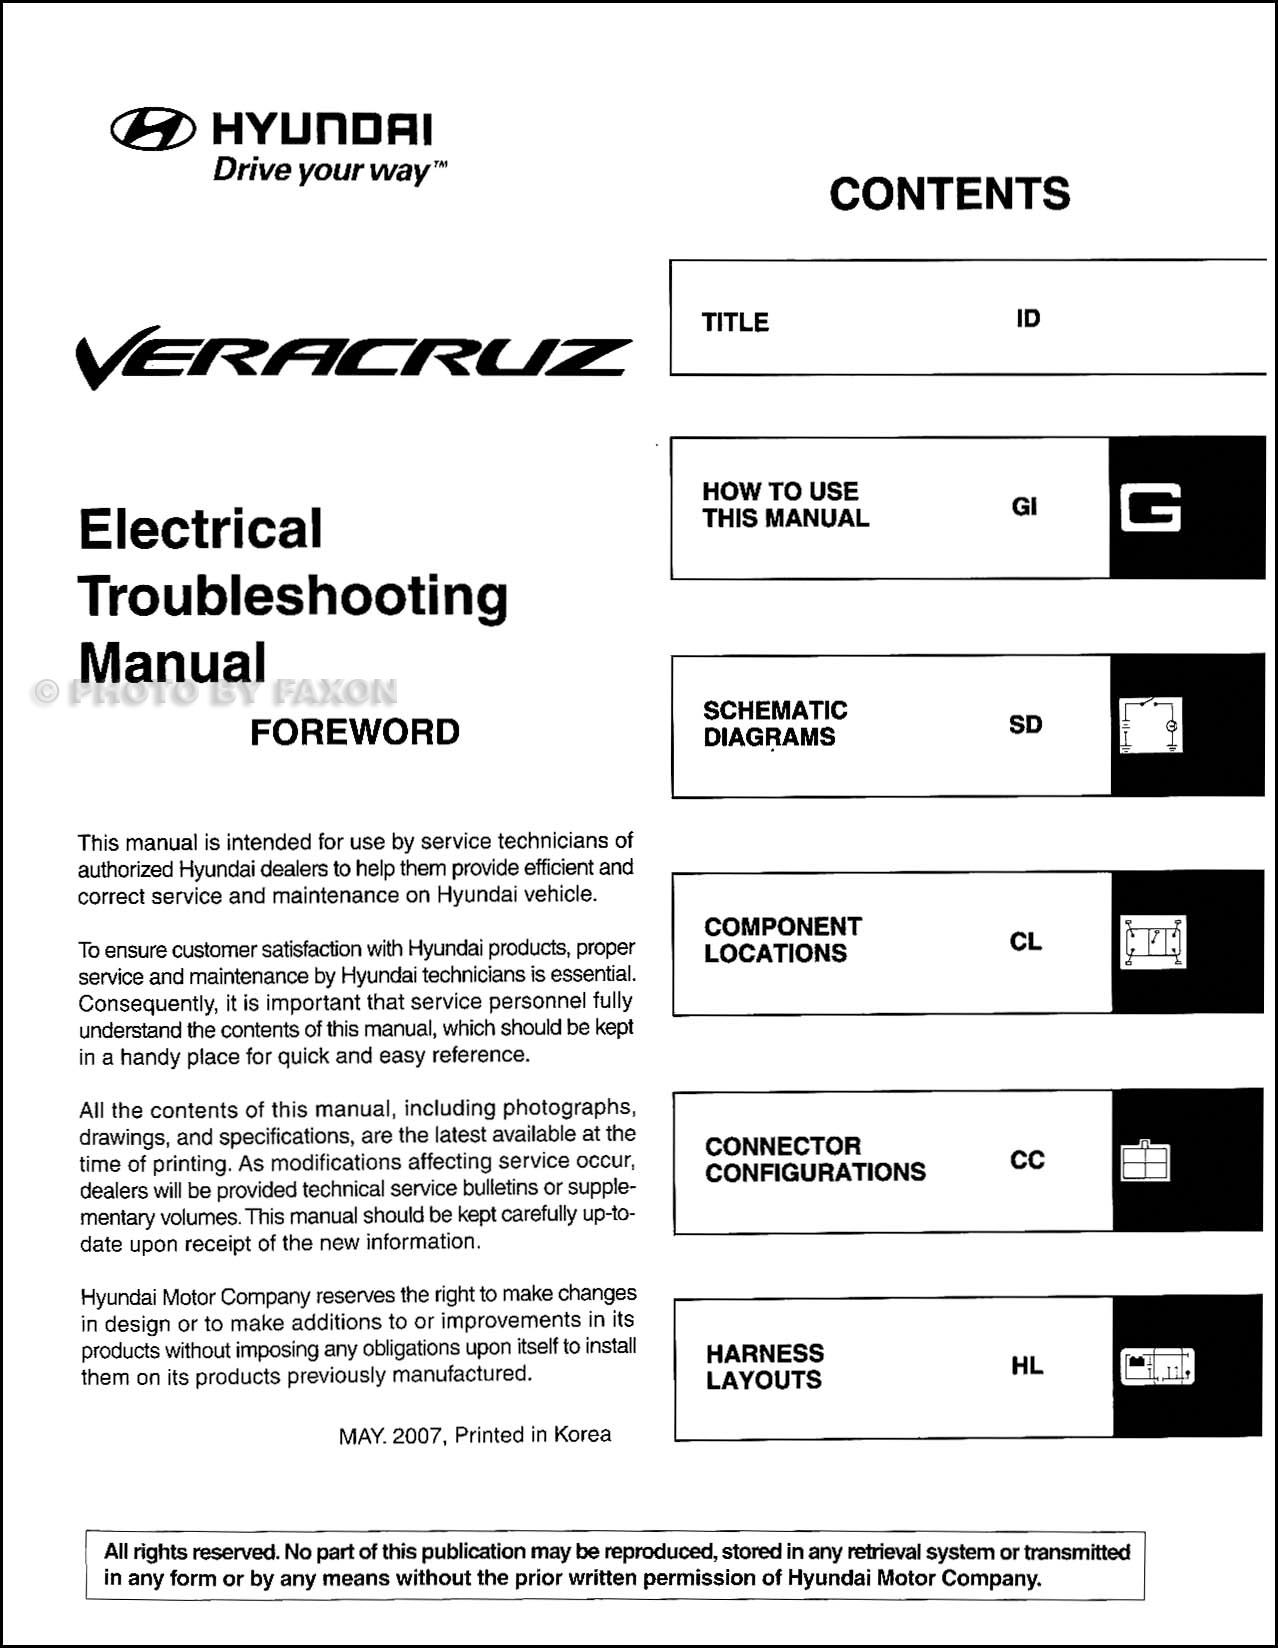 hight resolution of hyundai veracruz wiring diagram 31 wiring diagram images wiring diagrams mifinder co hyundai stereo wiring diagram